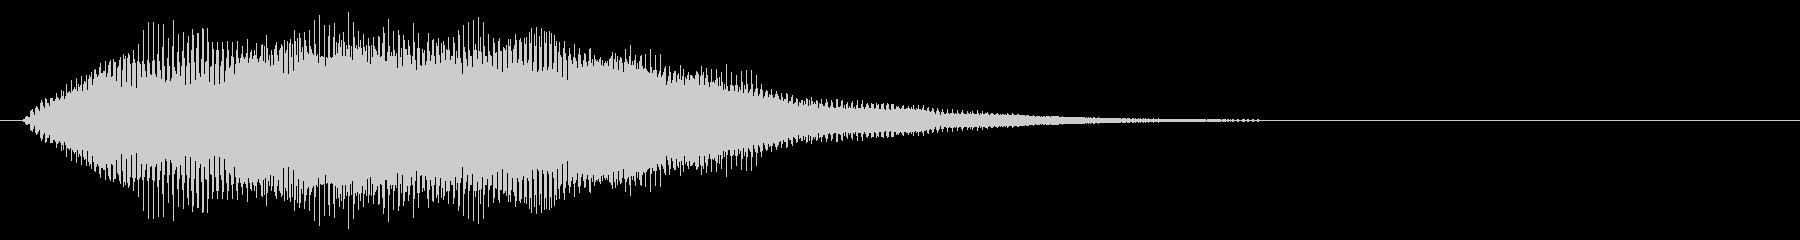 クラブ系 タッチ音4(複)の未再生の波形